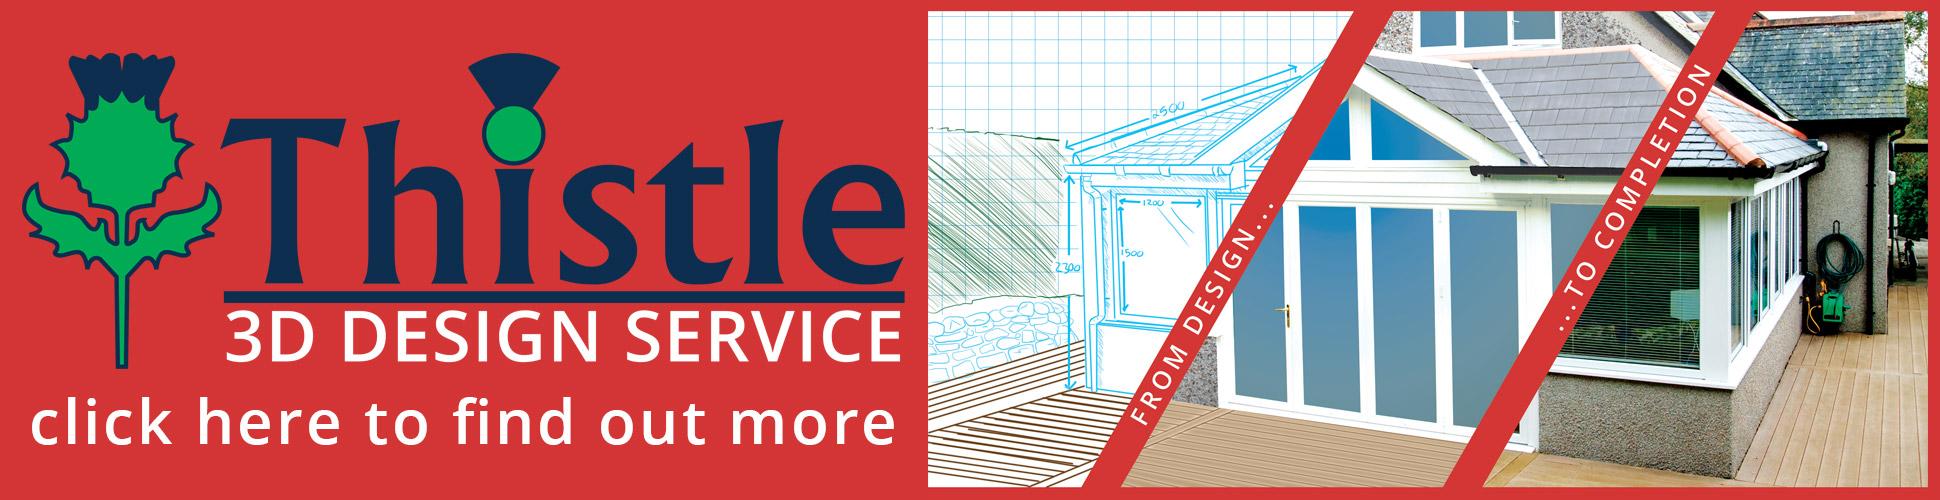 Thistle Home Extension 3D Design Service